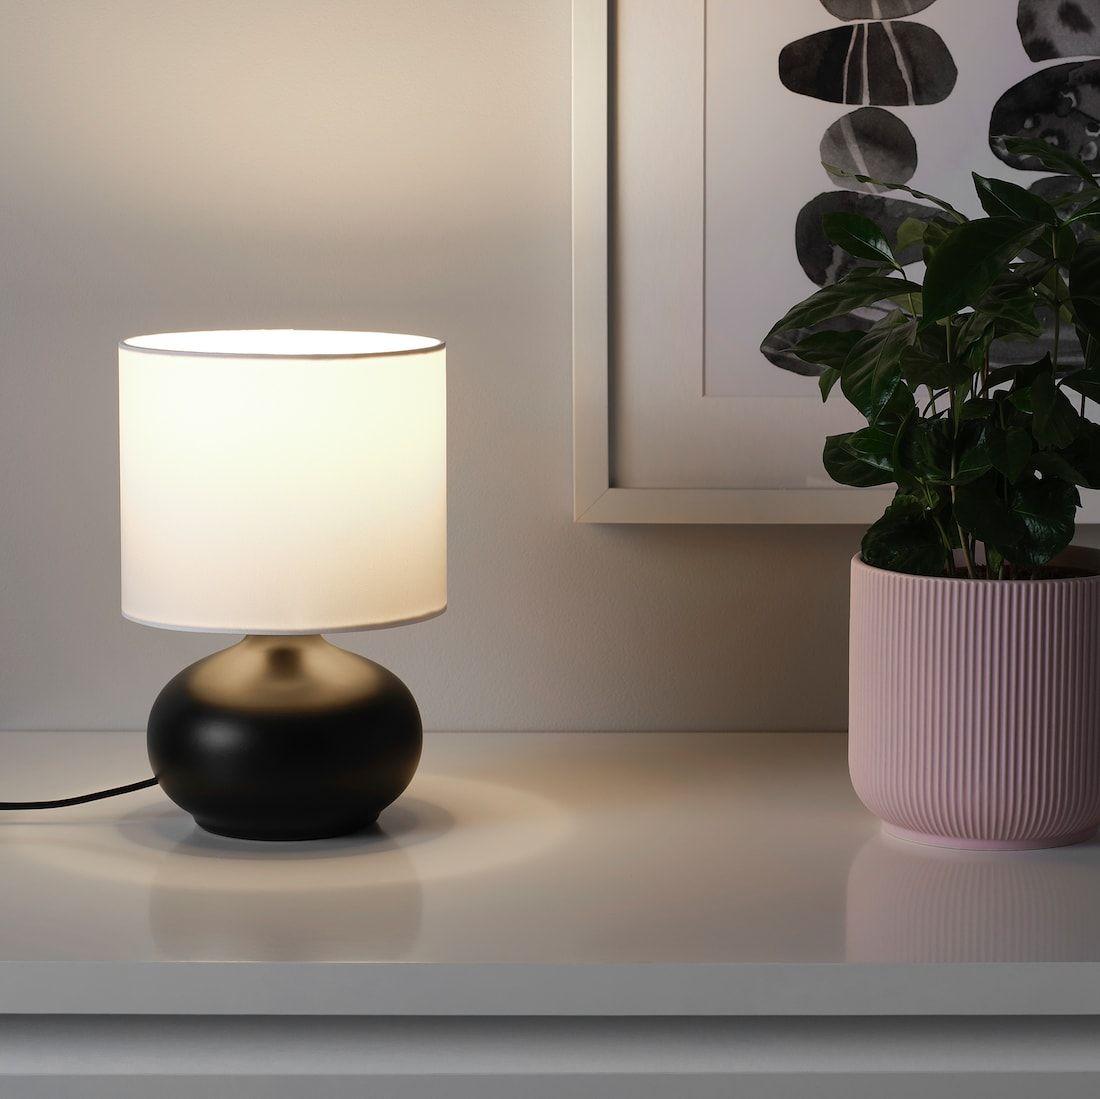 Tvarfot Table Lamp Black White Ikea Black Table Lamps Small Table Lamp Table Lamp